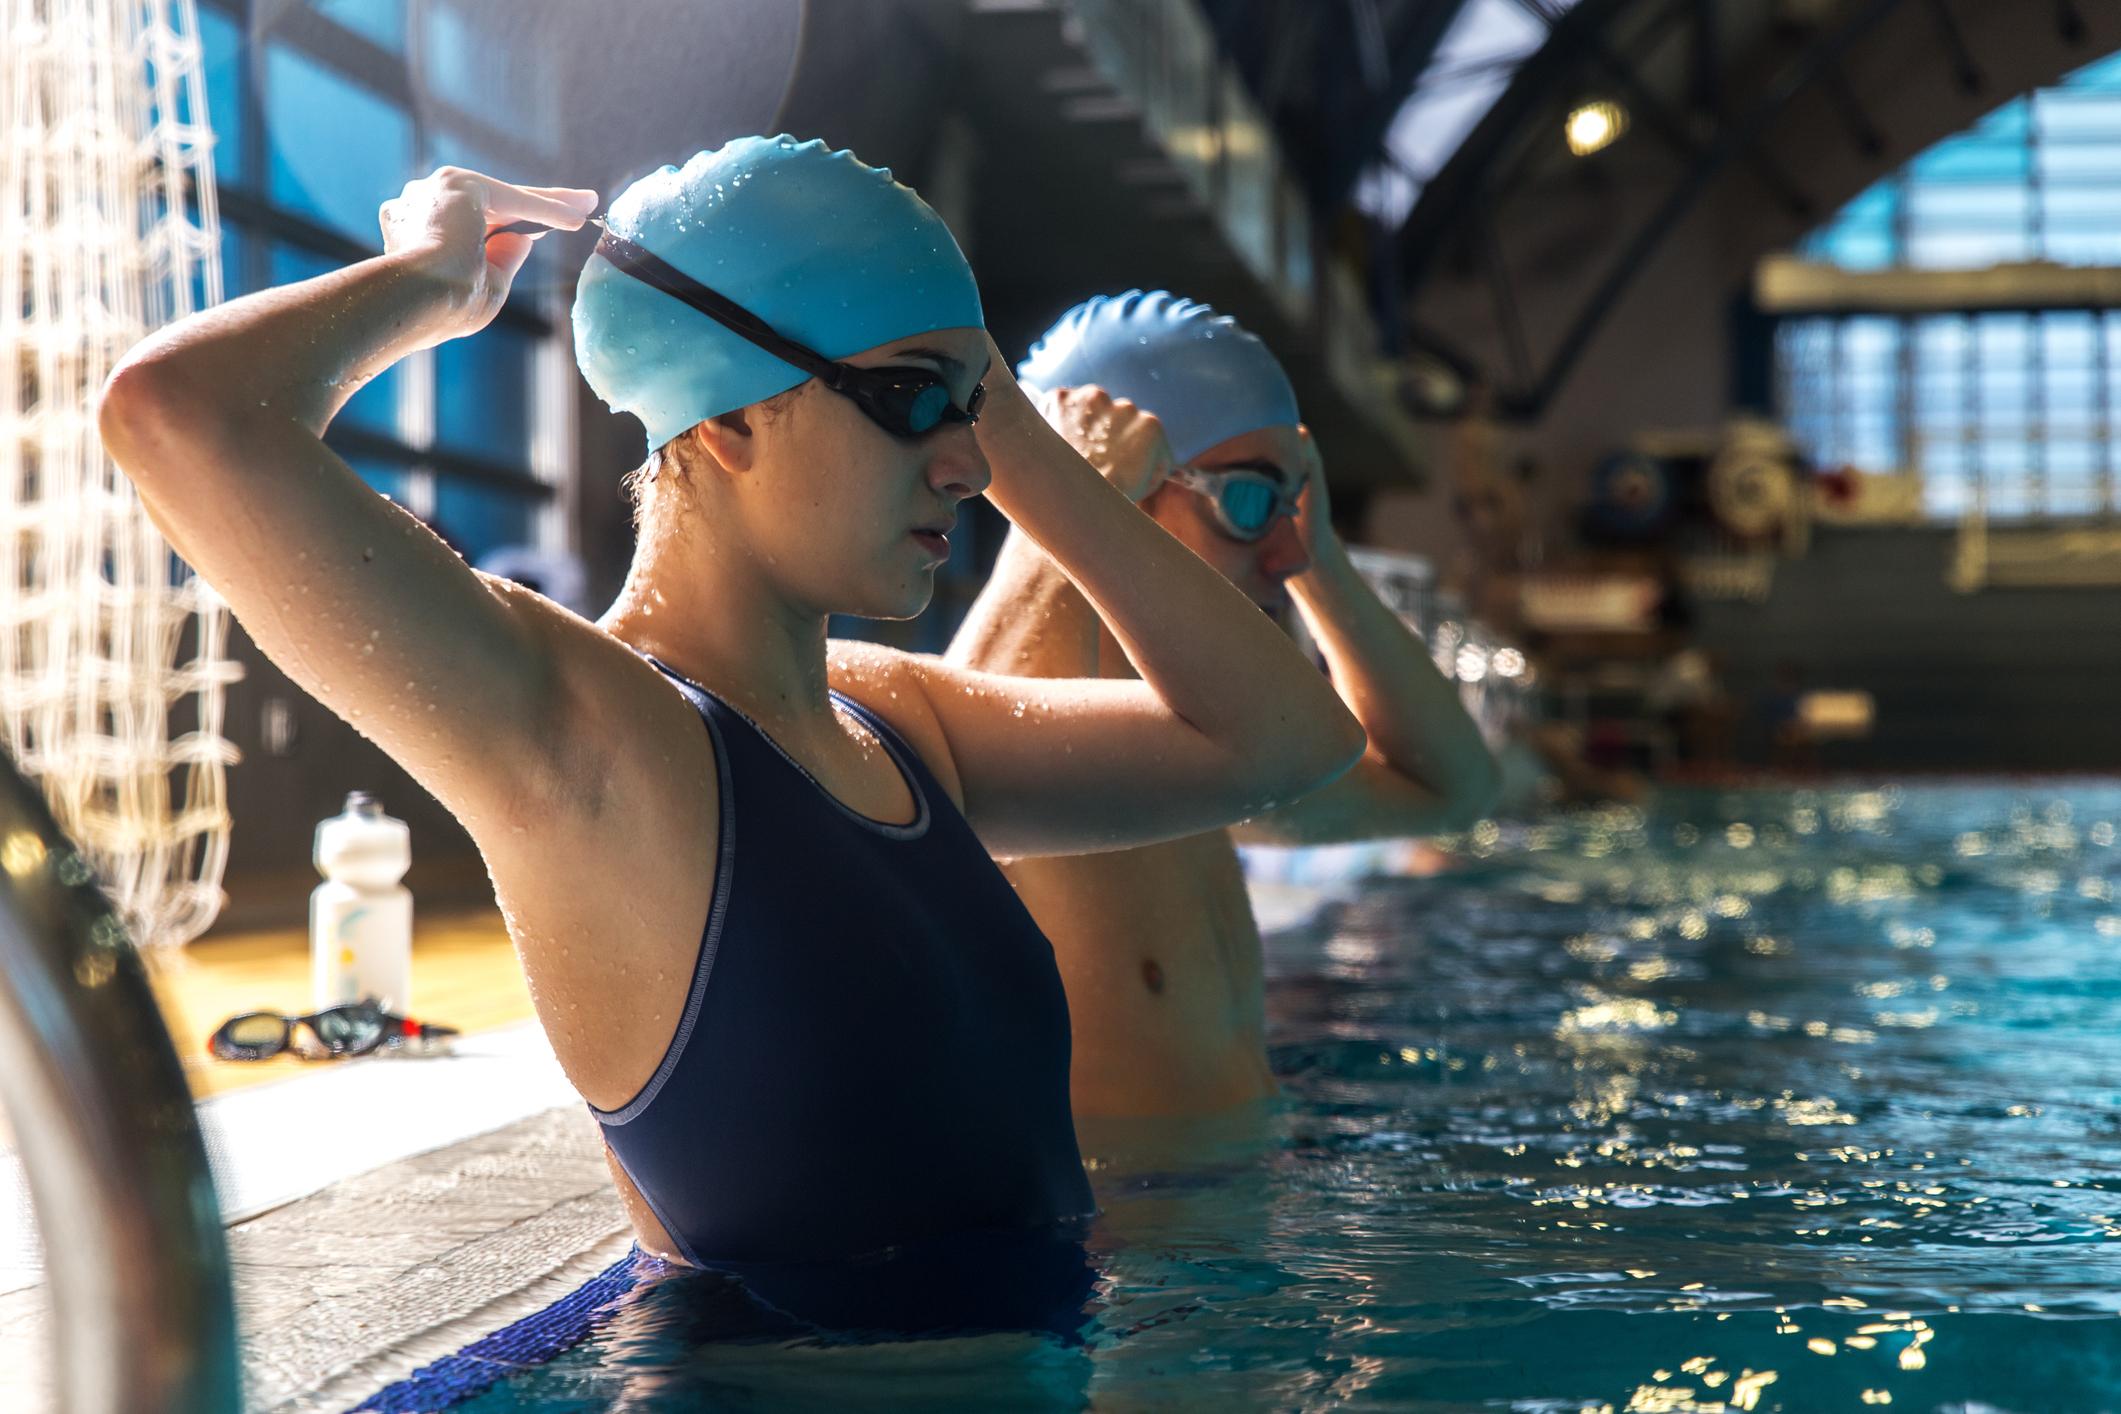 Casal dentro de uma piscina com touca e óculos de natação